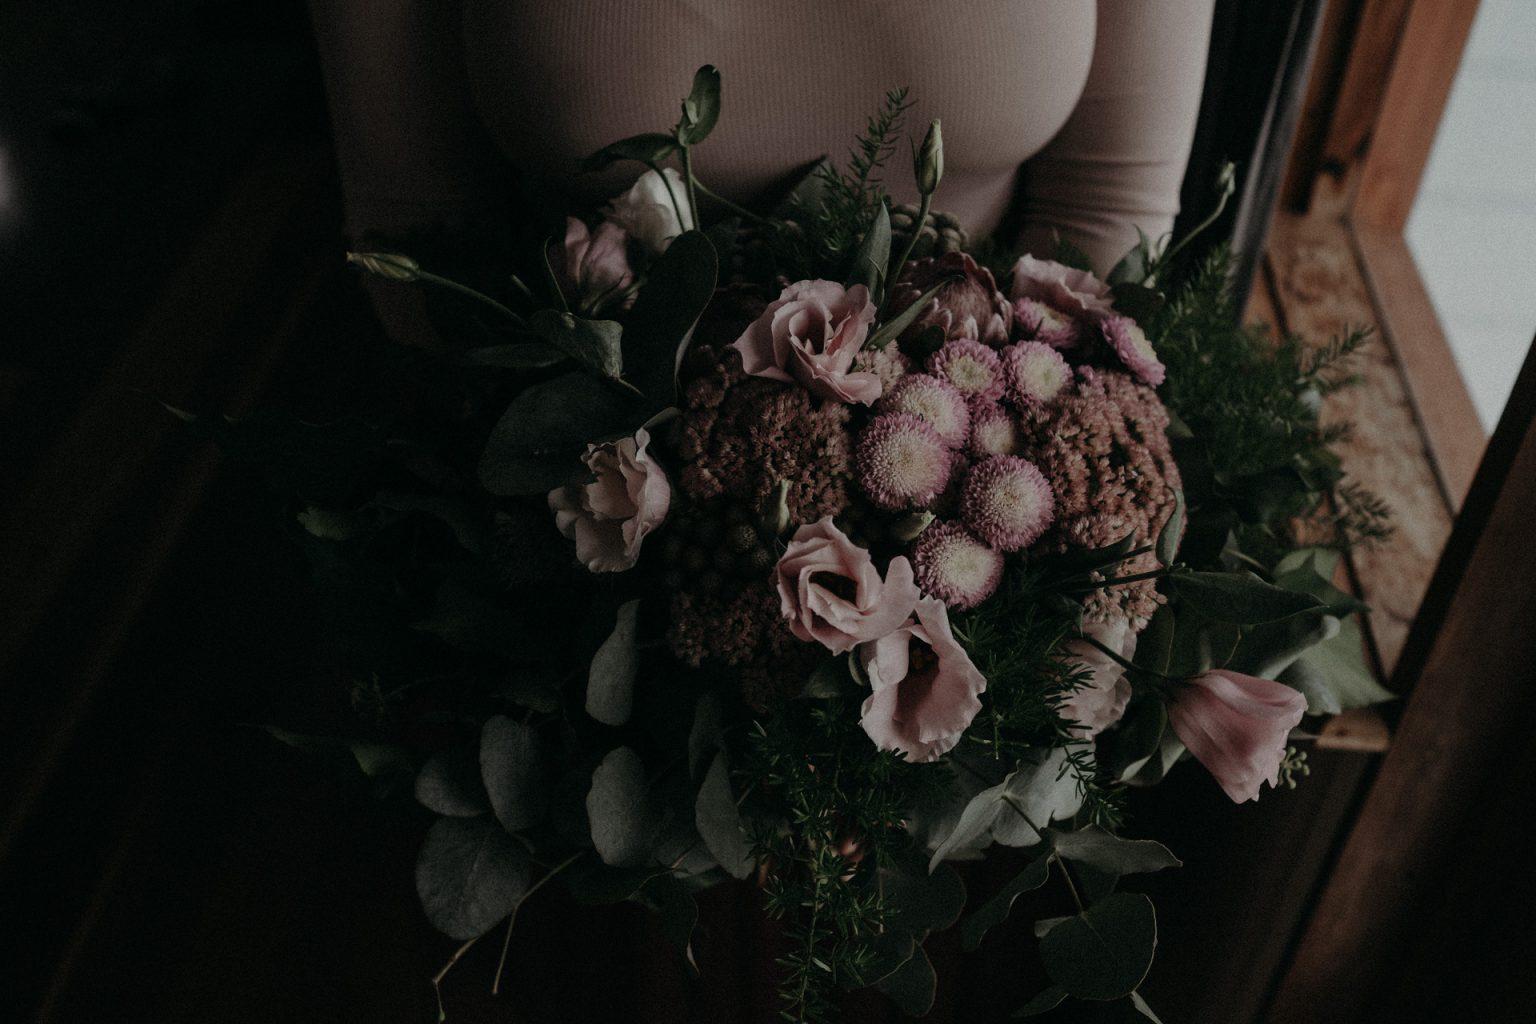 bride pink dress flowers by window